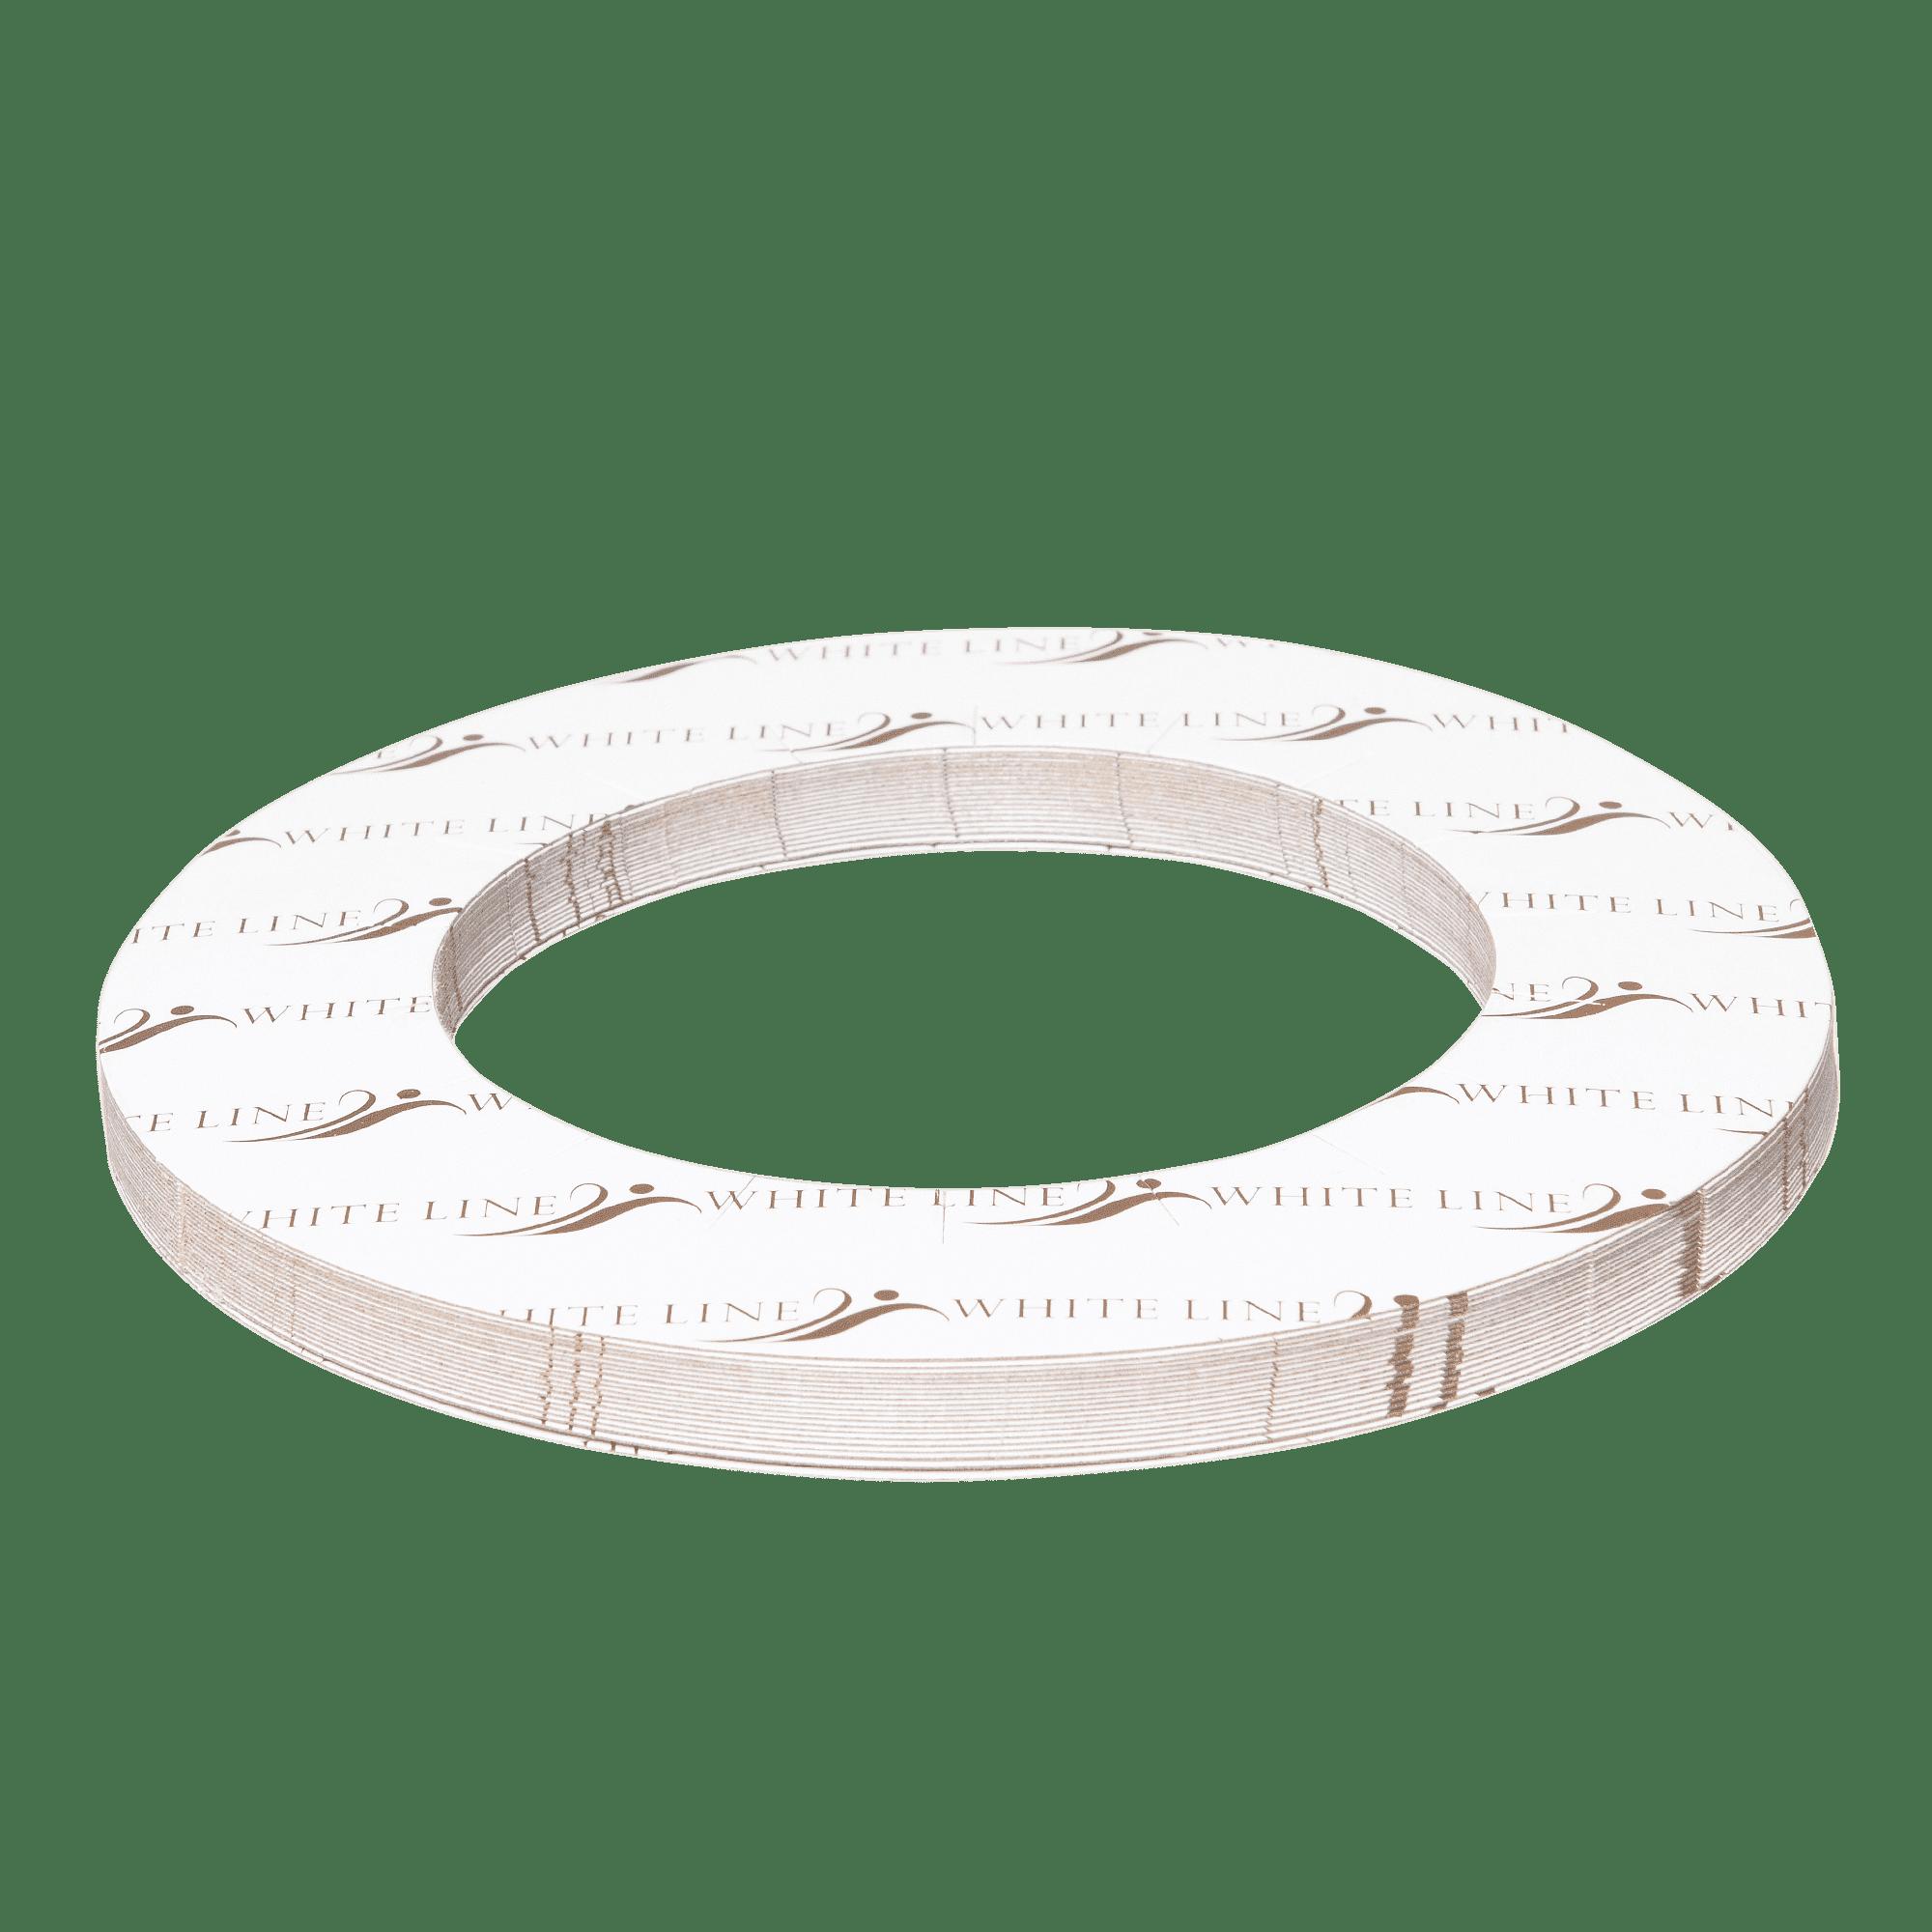 Sweet Epil, Защитное бумажное кольцо дл нагревател White Line, 20 шт/упАксессуары и расходные материалы дл депилции<br><br>